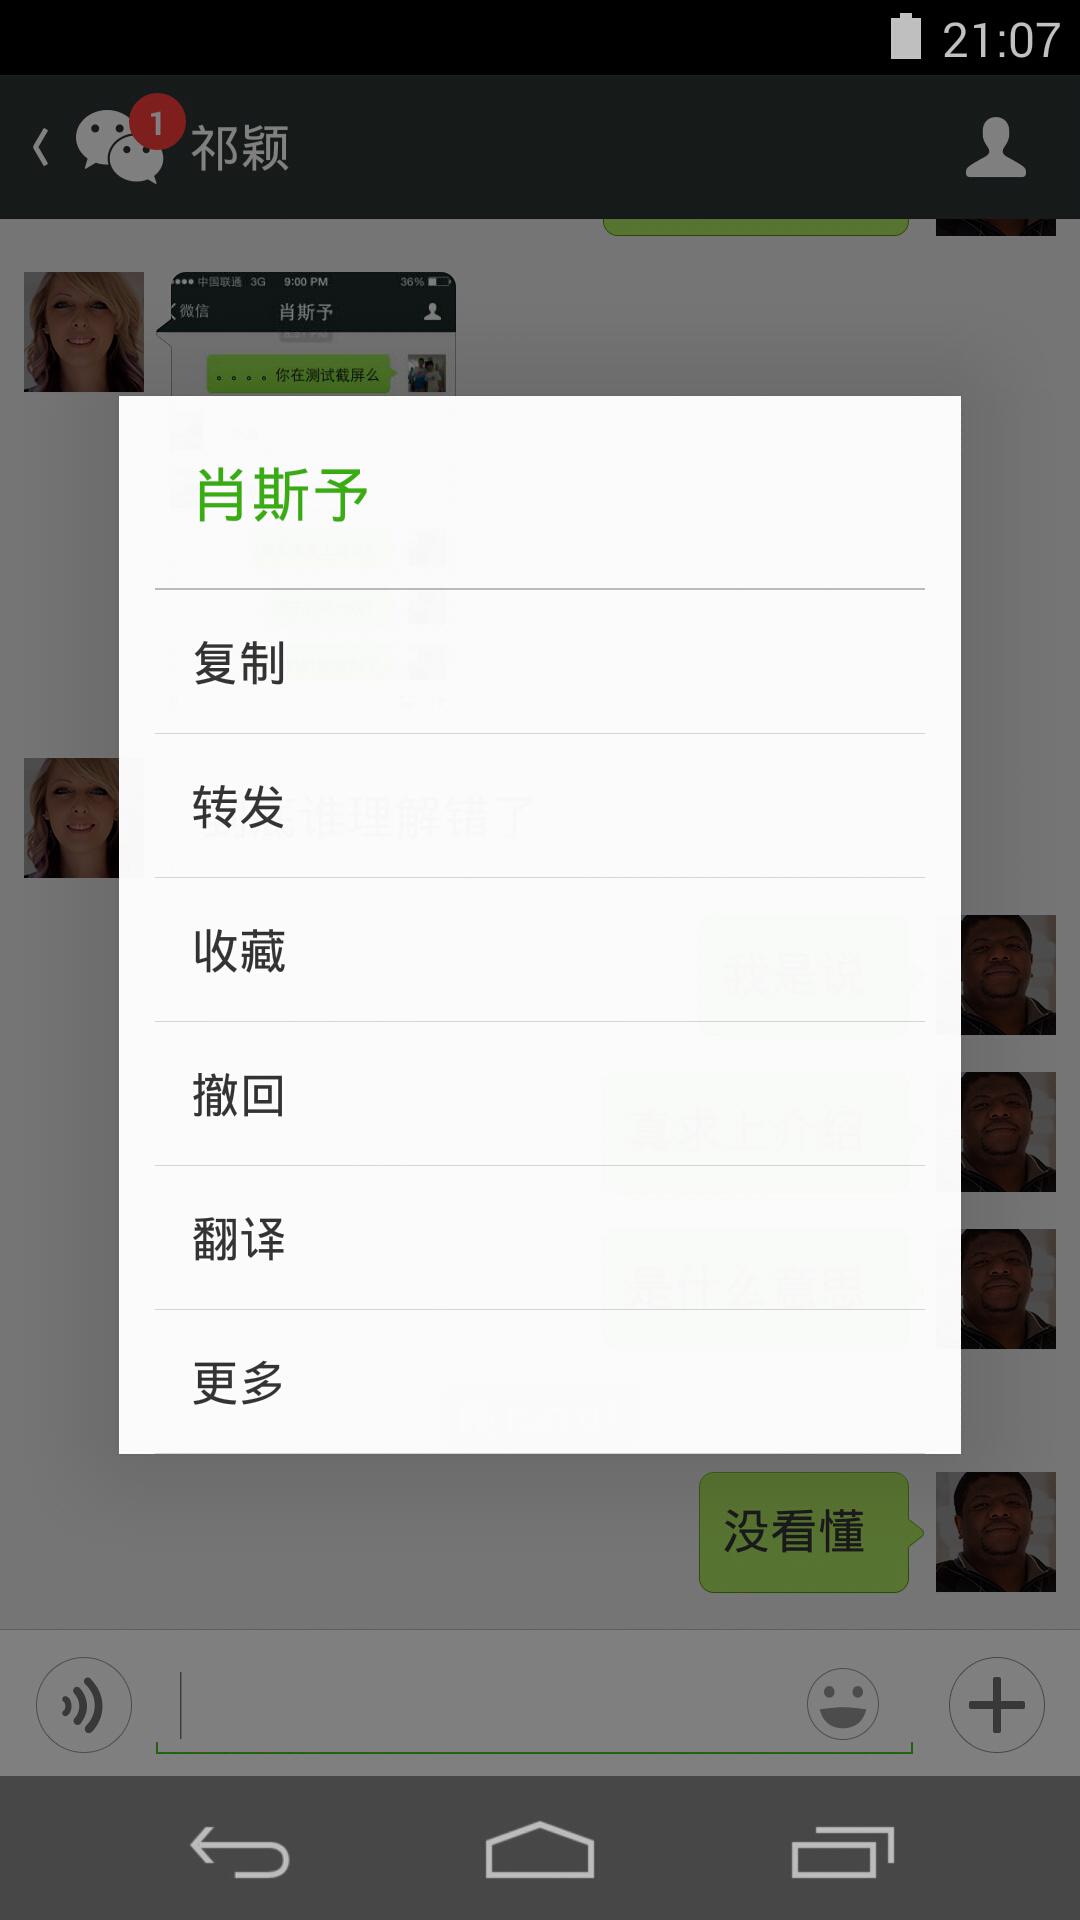 无棣县公安局信阳派出所:利用手机APP软件加强旅馆日常管理